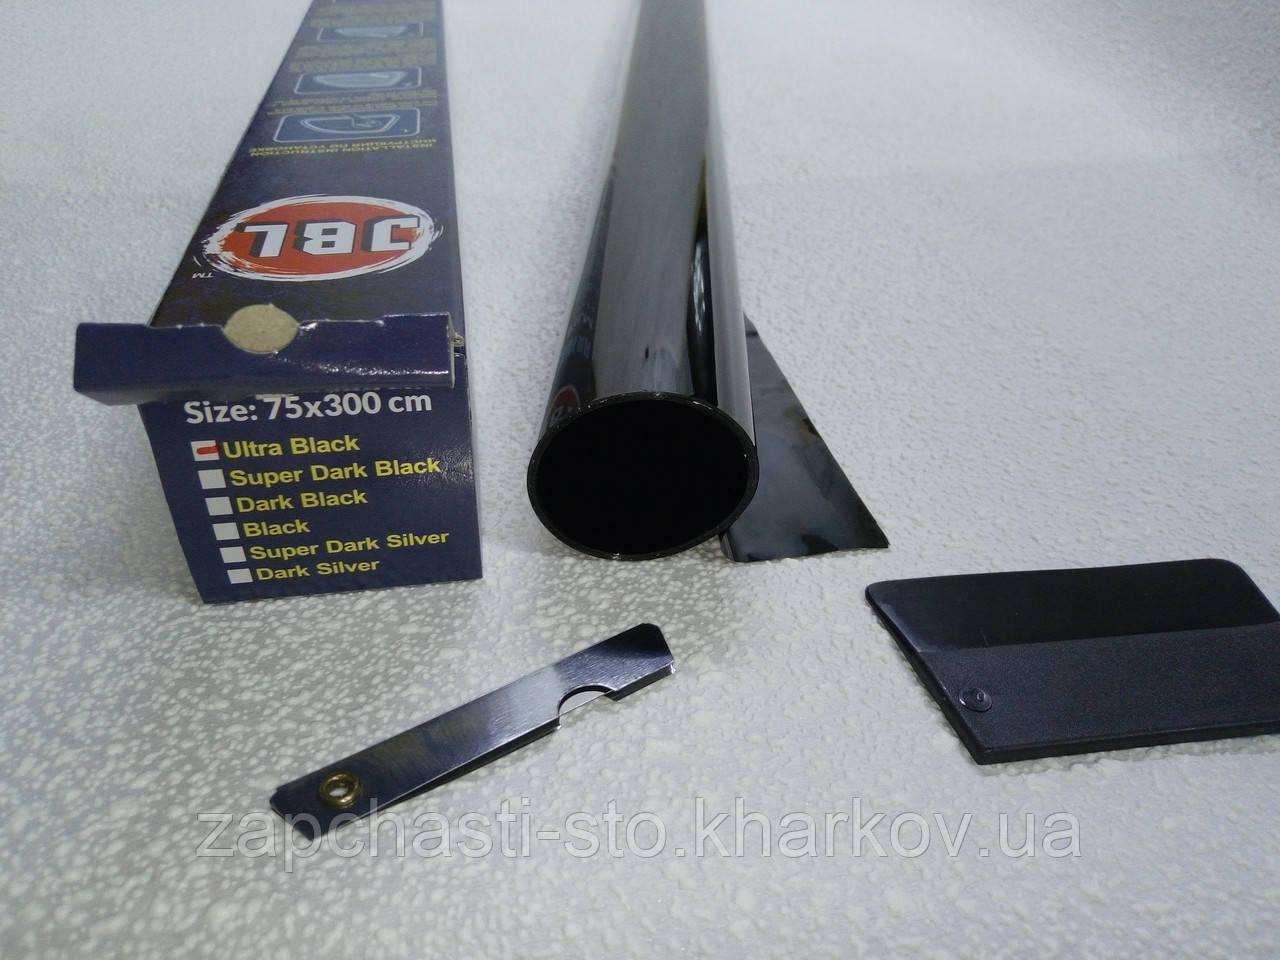 Тонировочная пленка 2% JBL Ultra Black ультра черная 75Х300